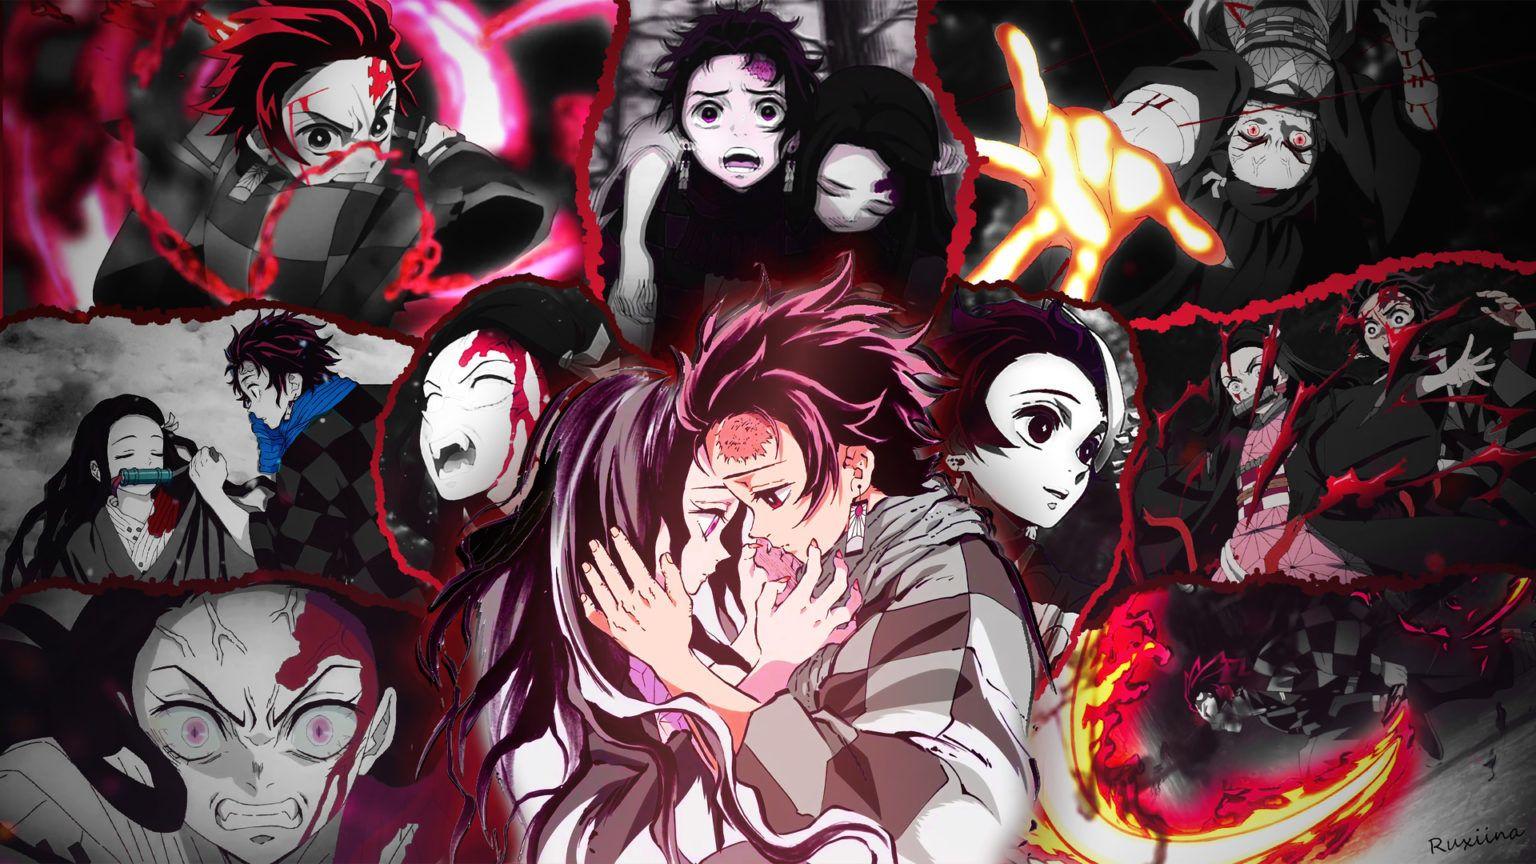 Best Demon Slayer Tanjiro Kamado HD Wallpaper 2020 in 2020